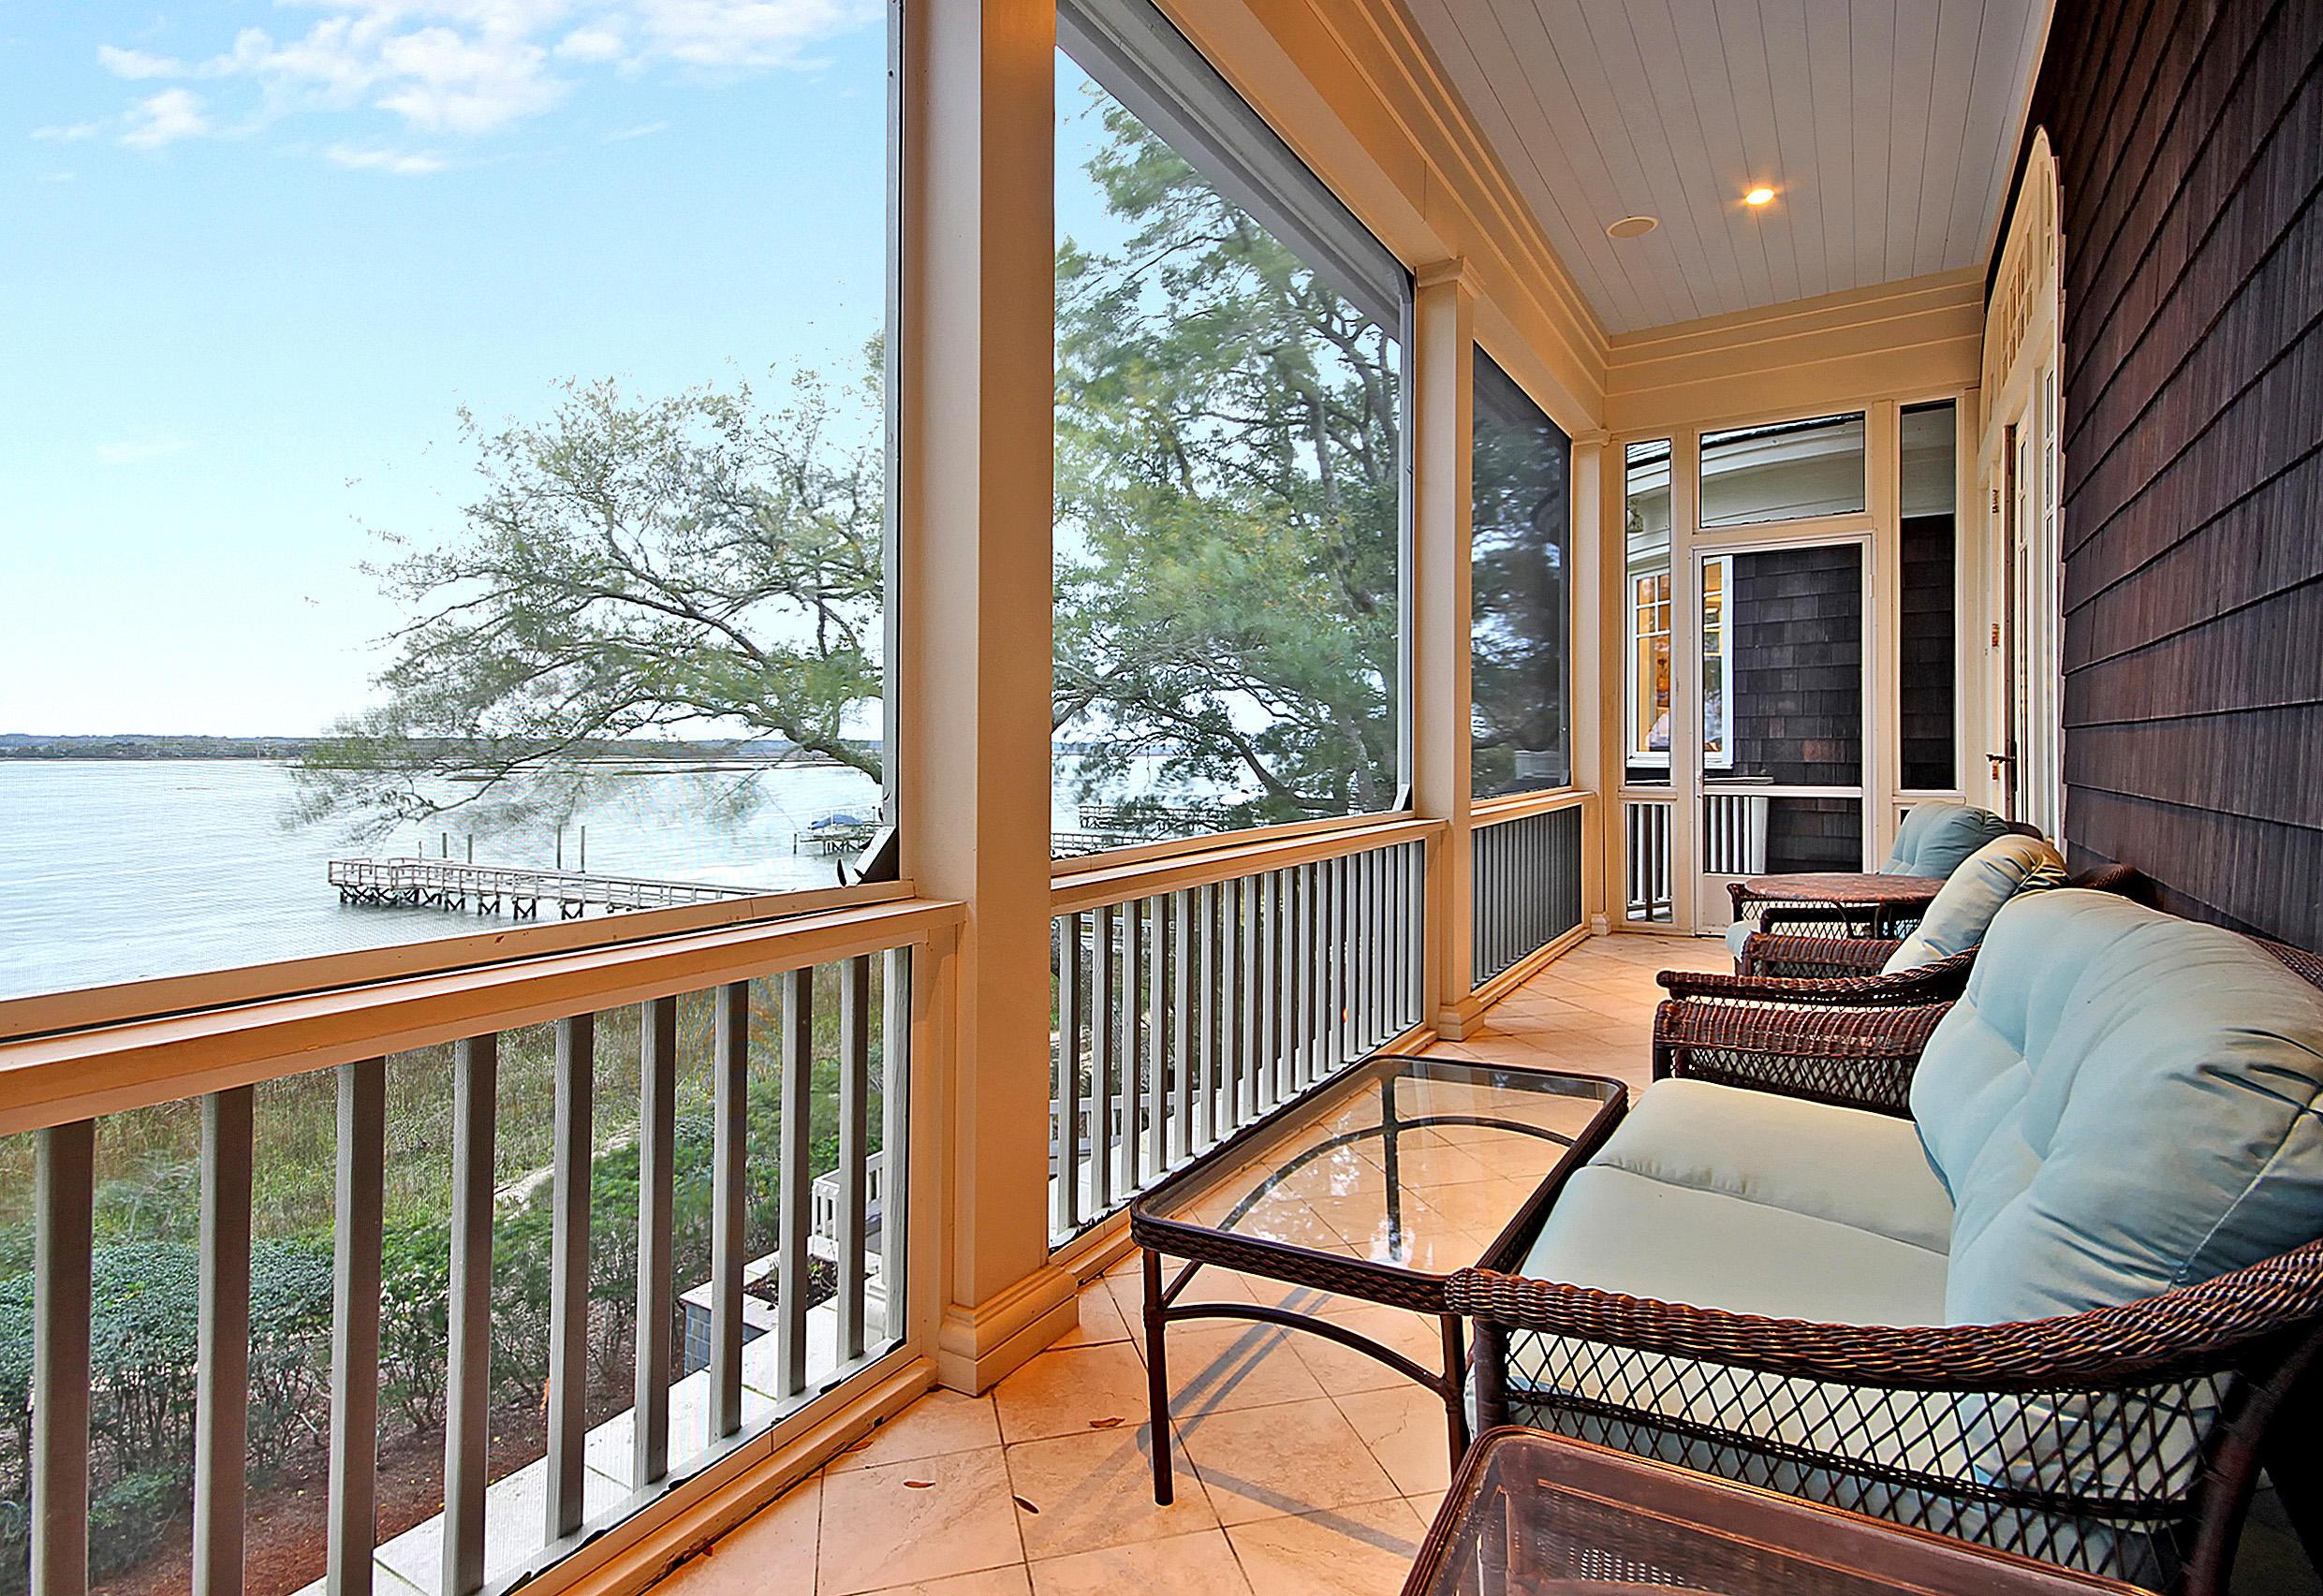 Rhetts Bluff Homes For Sale - 34 Rhetts Bluff, Kiawah Island, SC - 30